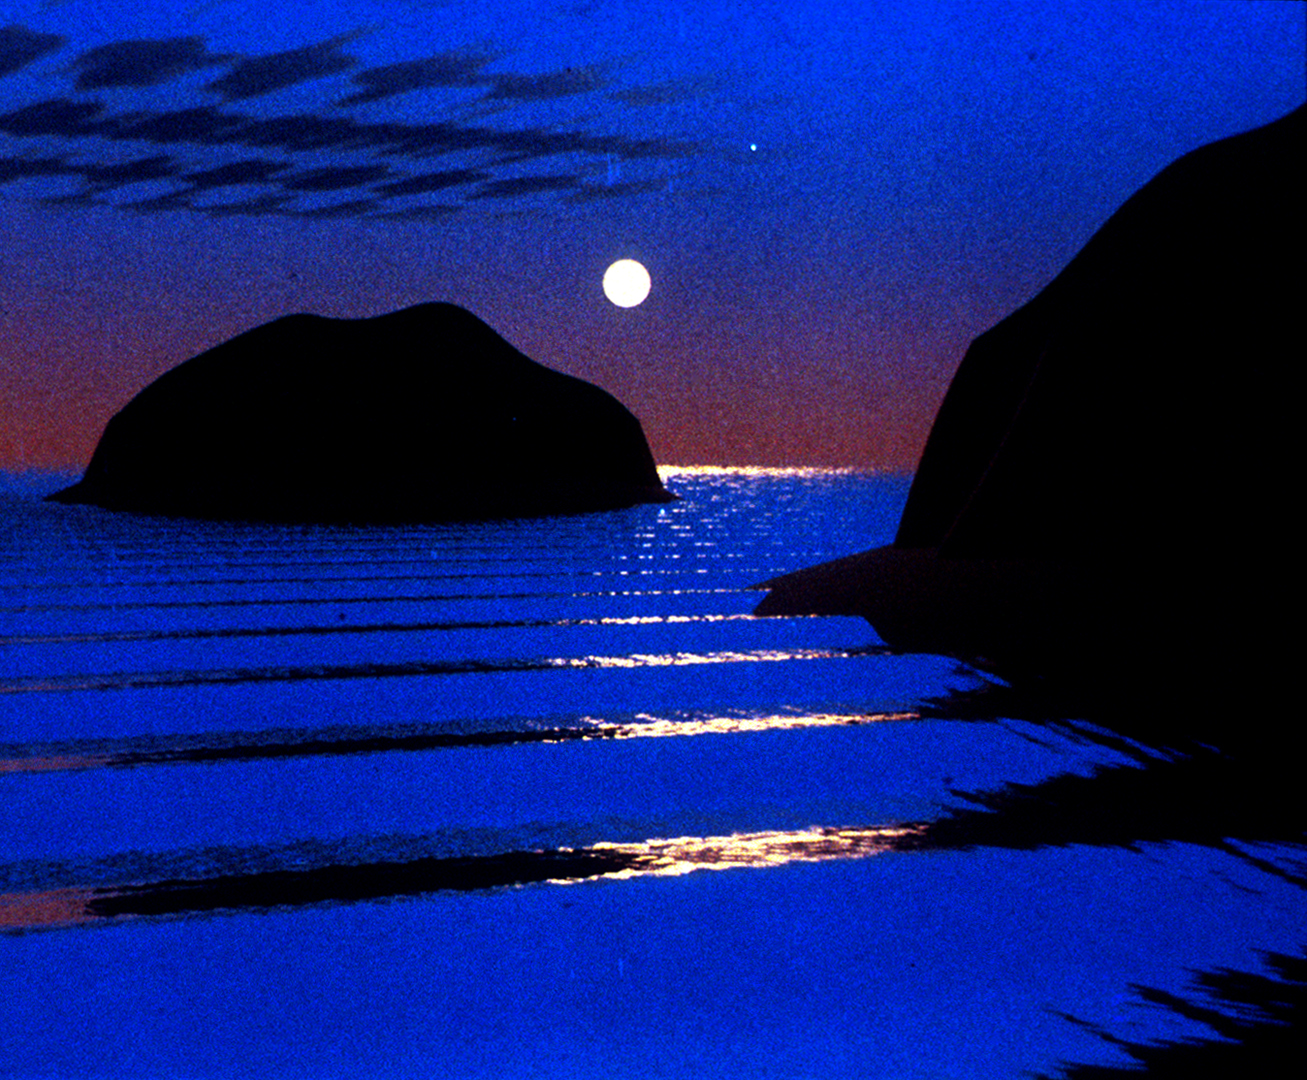 ©1981, Nelson L. Max, Carla's Island